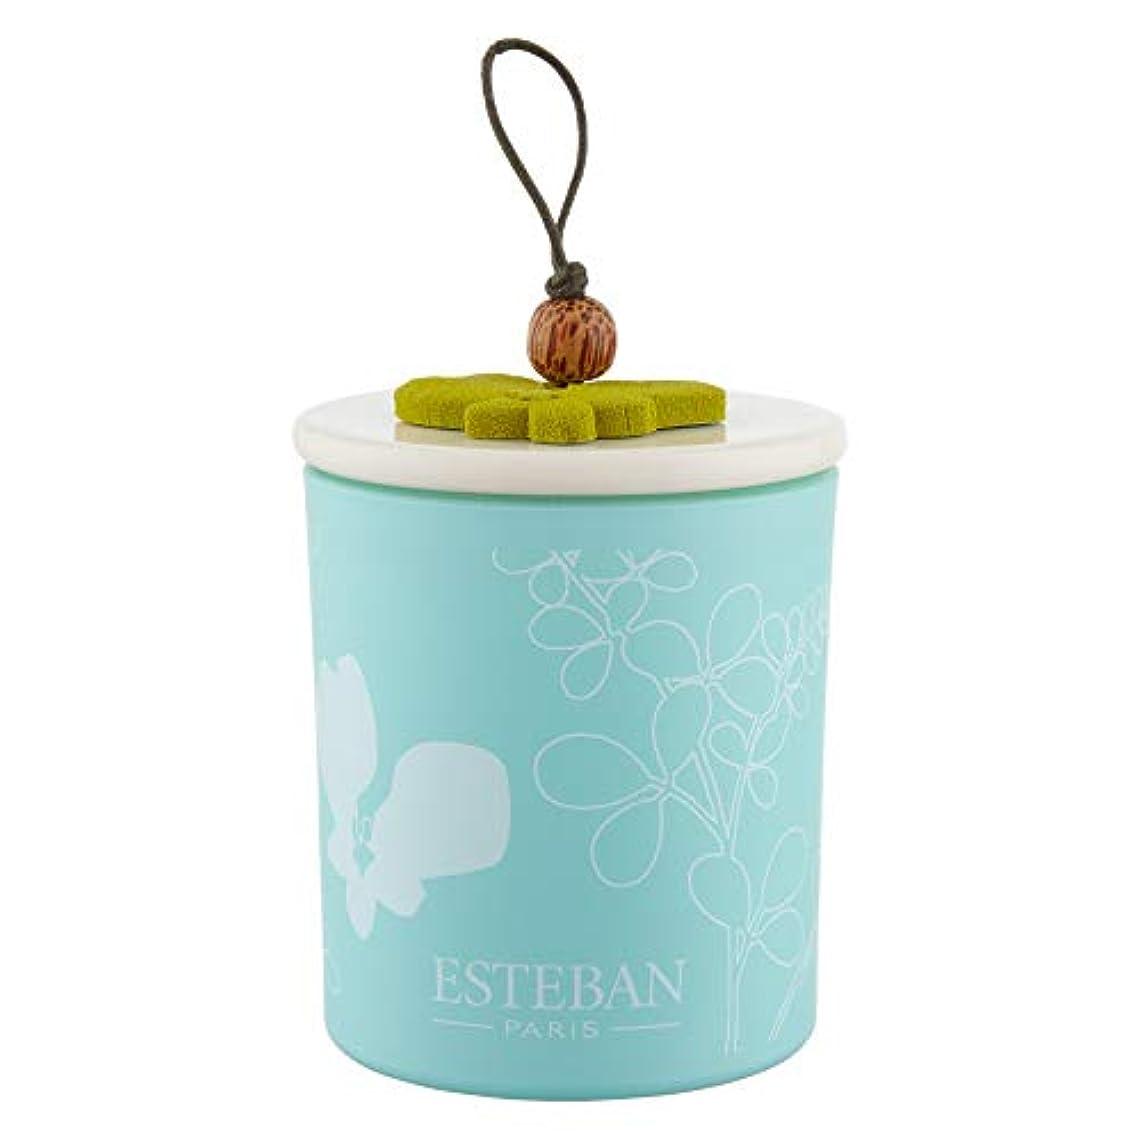 同封する鳴り響く窒息させる[Esteban ] エステバンは、装飾されたキャンドル170グラムを香りOrchidee - Esteban Orchid?e Scented Decorated Candle 170g [並行輸入品]